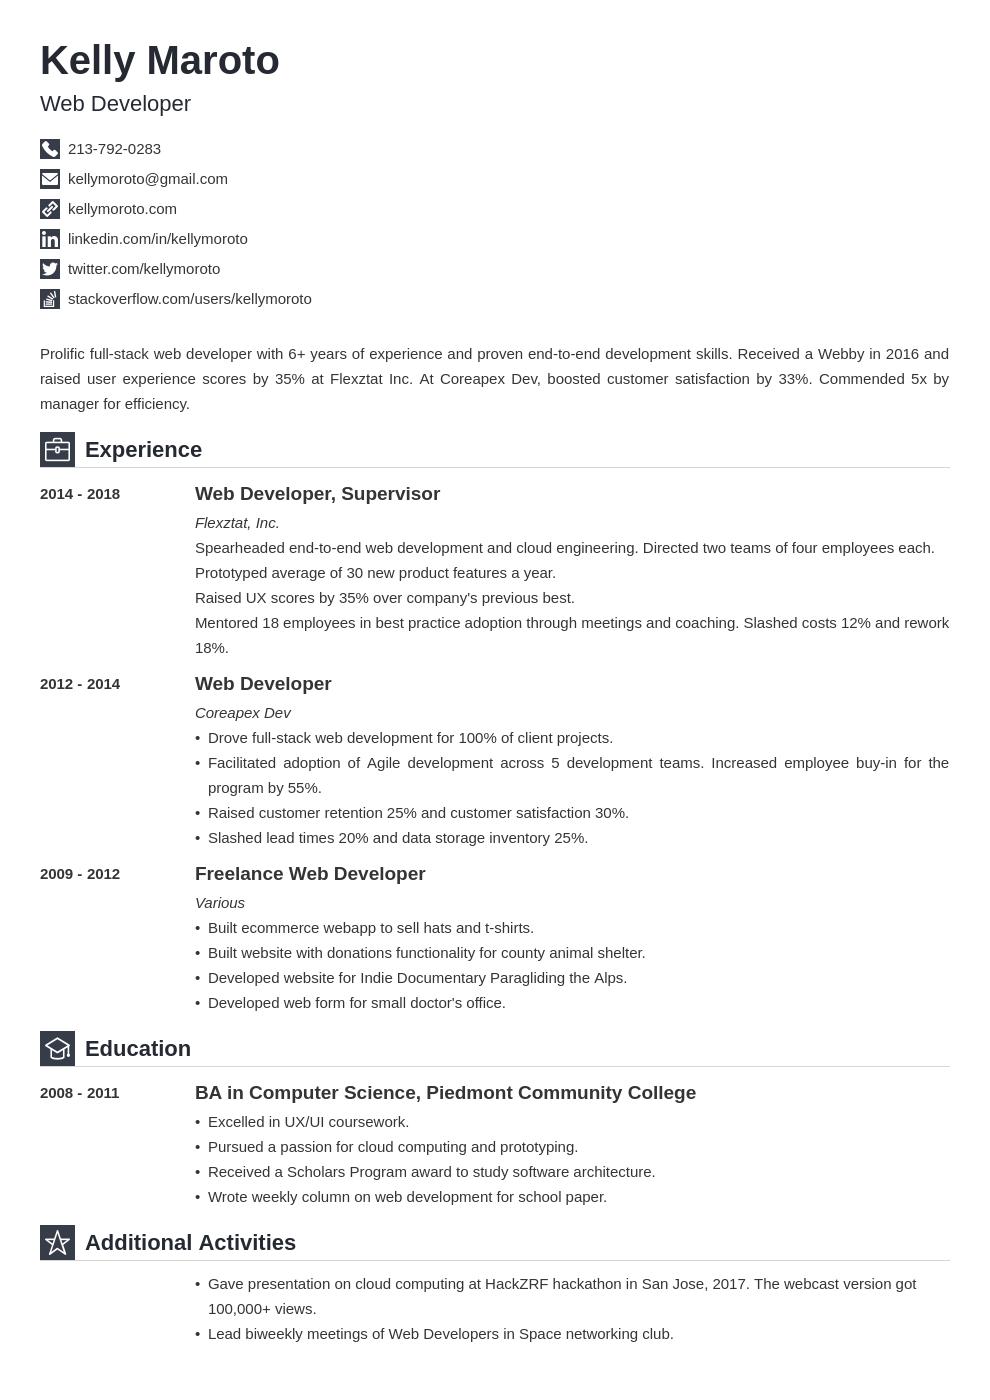 web developer template iconic